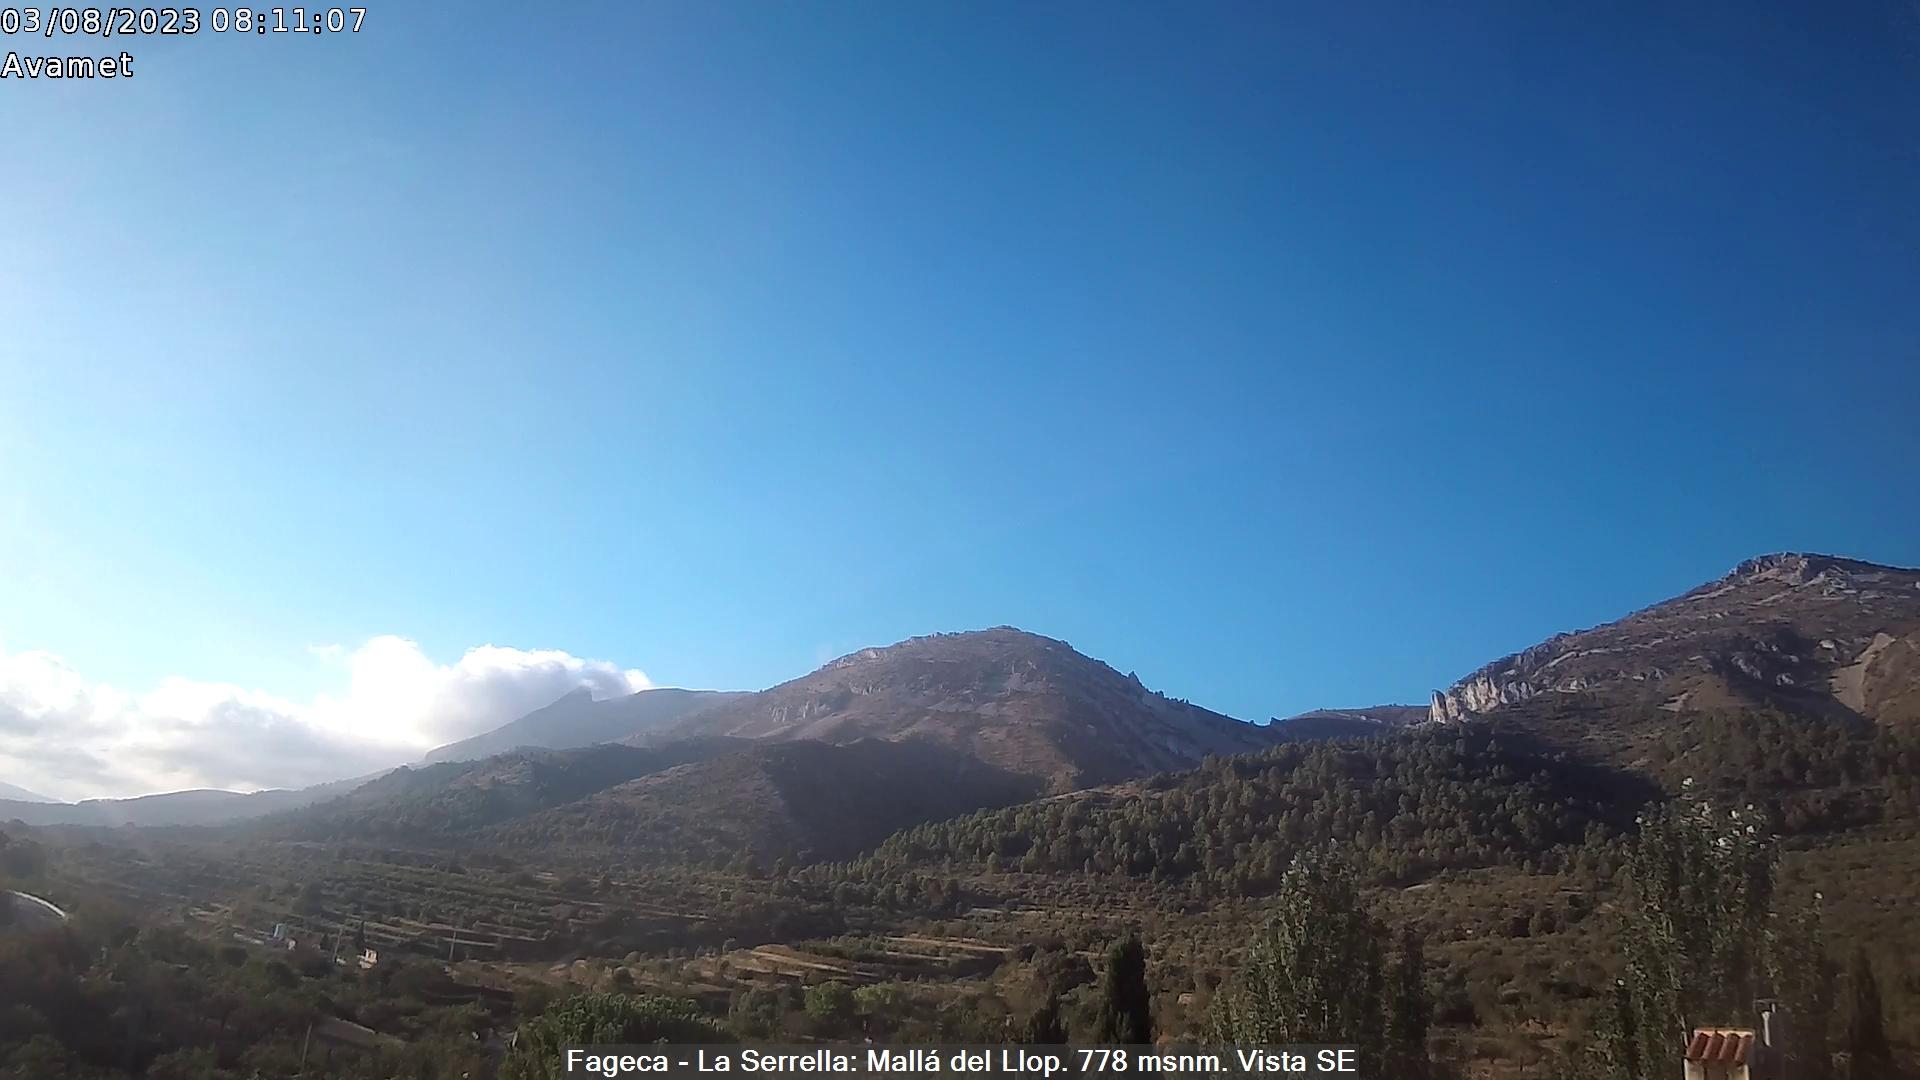 Webcam des de Fageca amb vistes Serrella